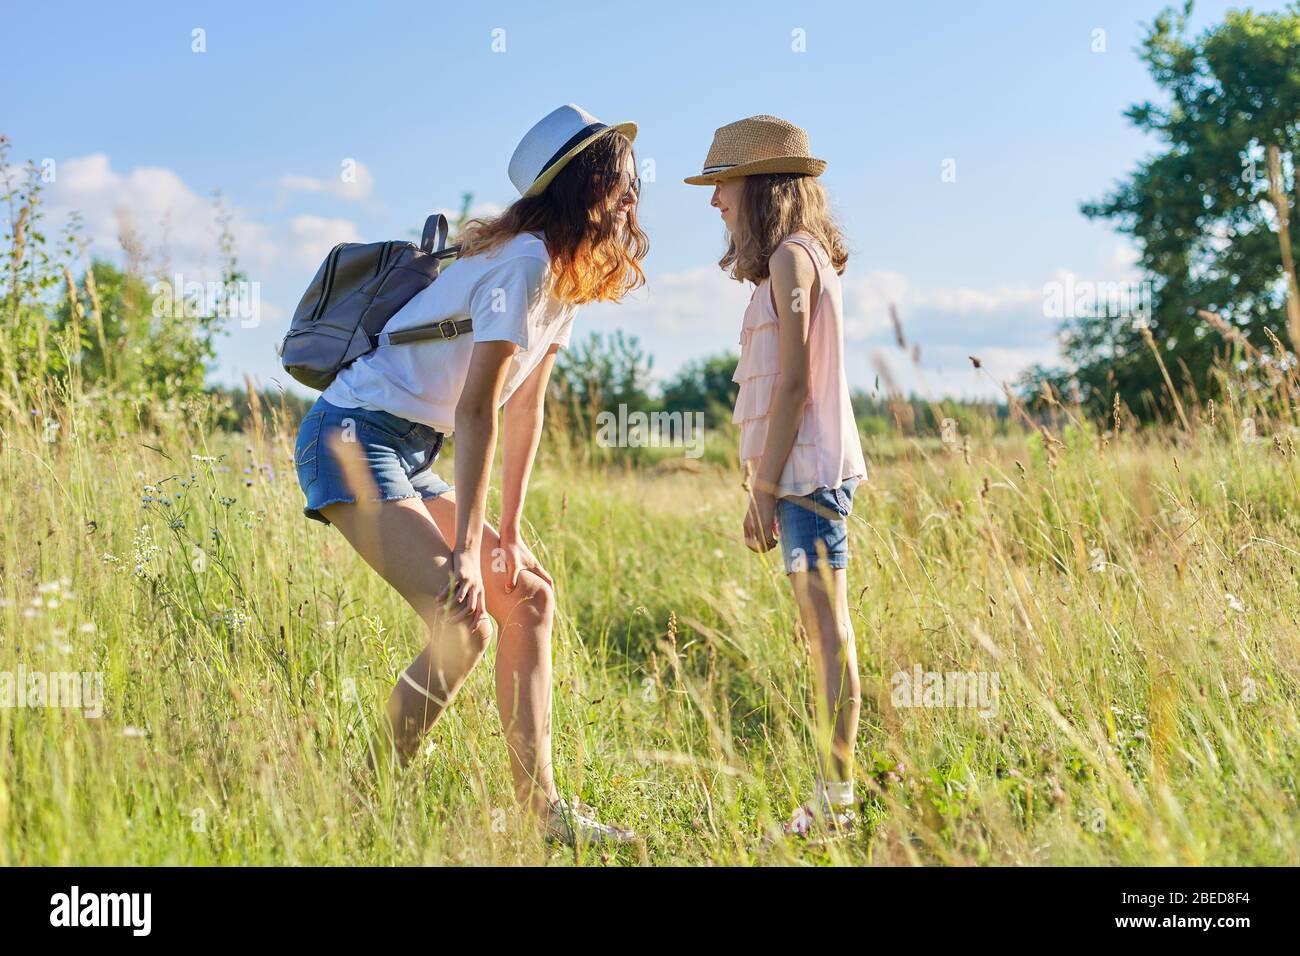 Niños felices dos niñas hermanas adolescentes y jóvenes riendo y divertirse en la pradera, el cielo azul, la naturaleza de verano. Estilo de vida activo y saludable, amigable f Foto de stock